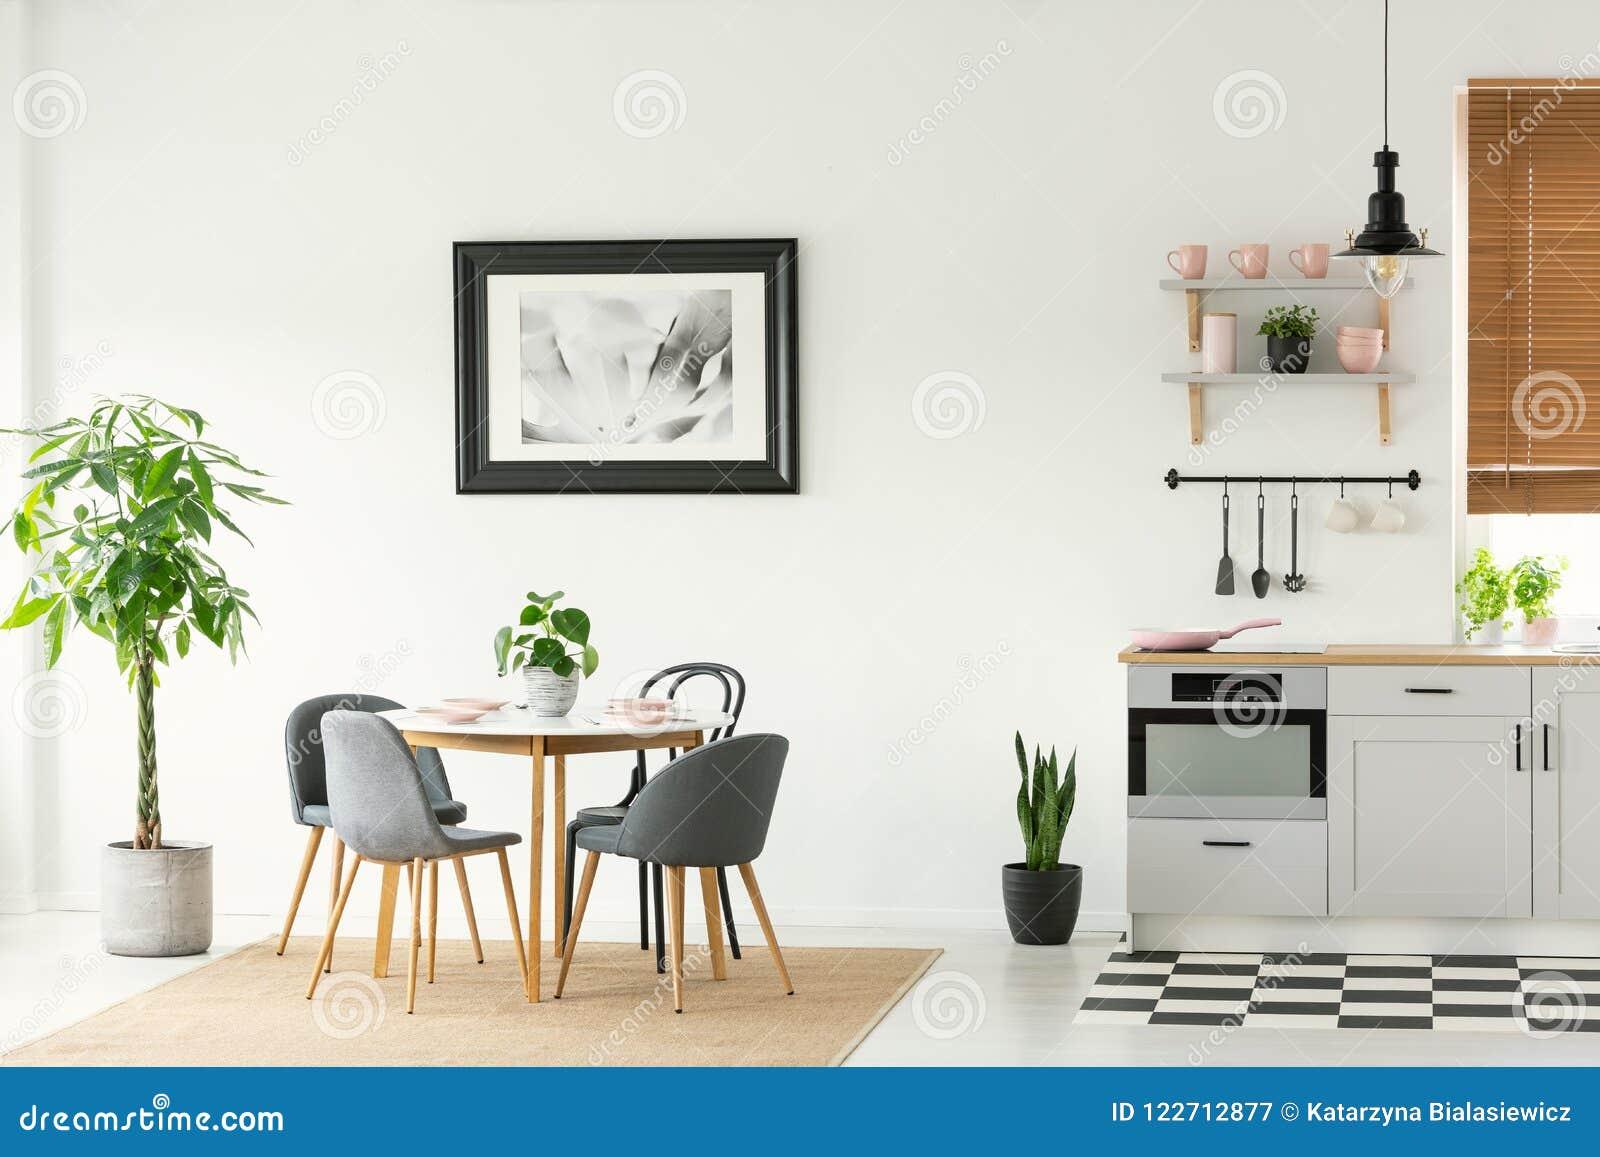 Photo Vue Sur Un Mur Blanc Dans Un Intérieur De Salle à Manger Et